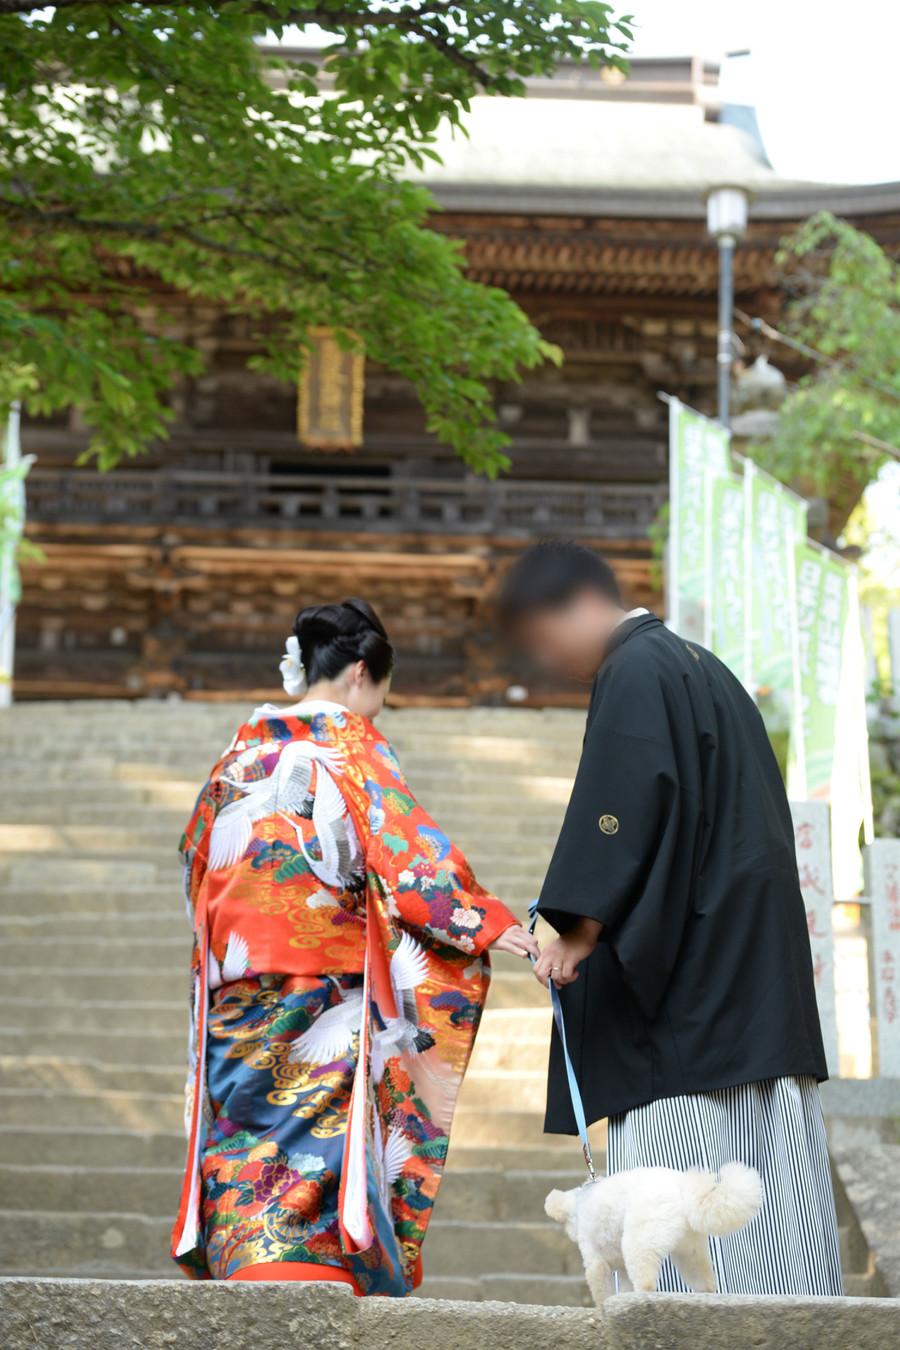 和装 色打掛け 紋付袴 ロケーション 神社 ペットと一緒